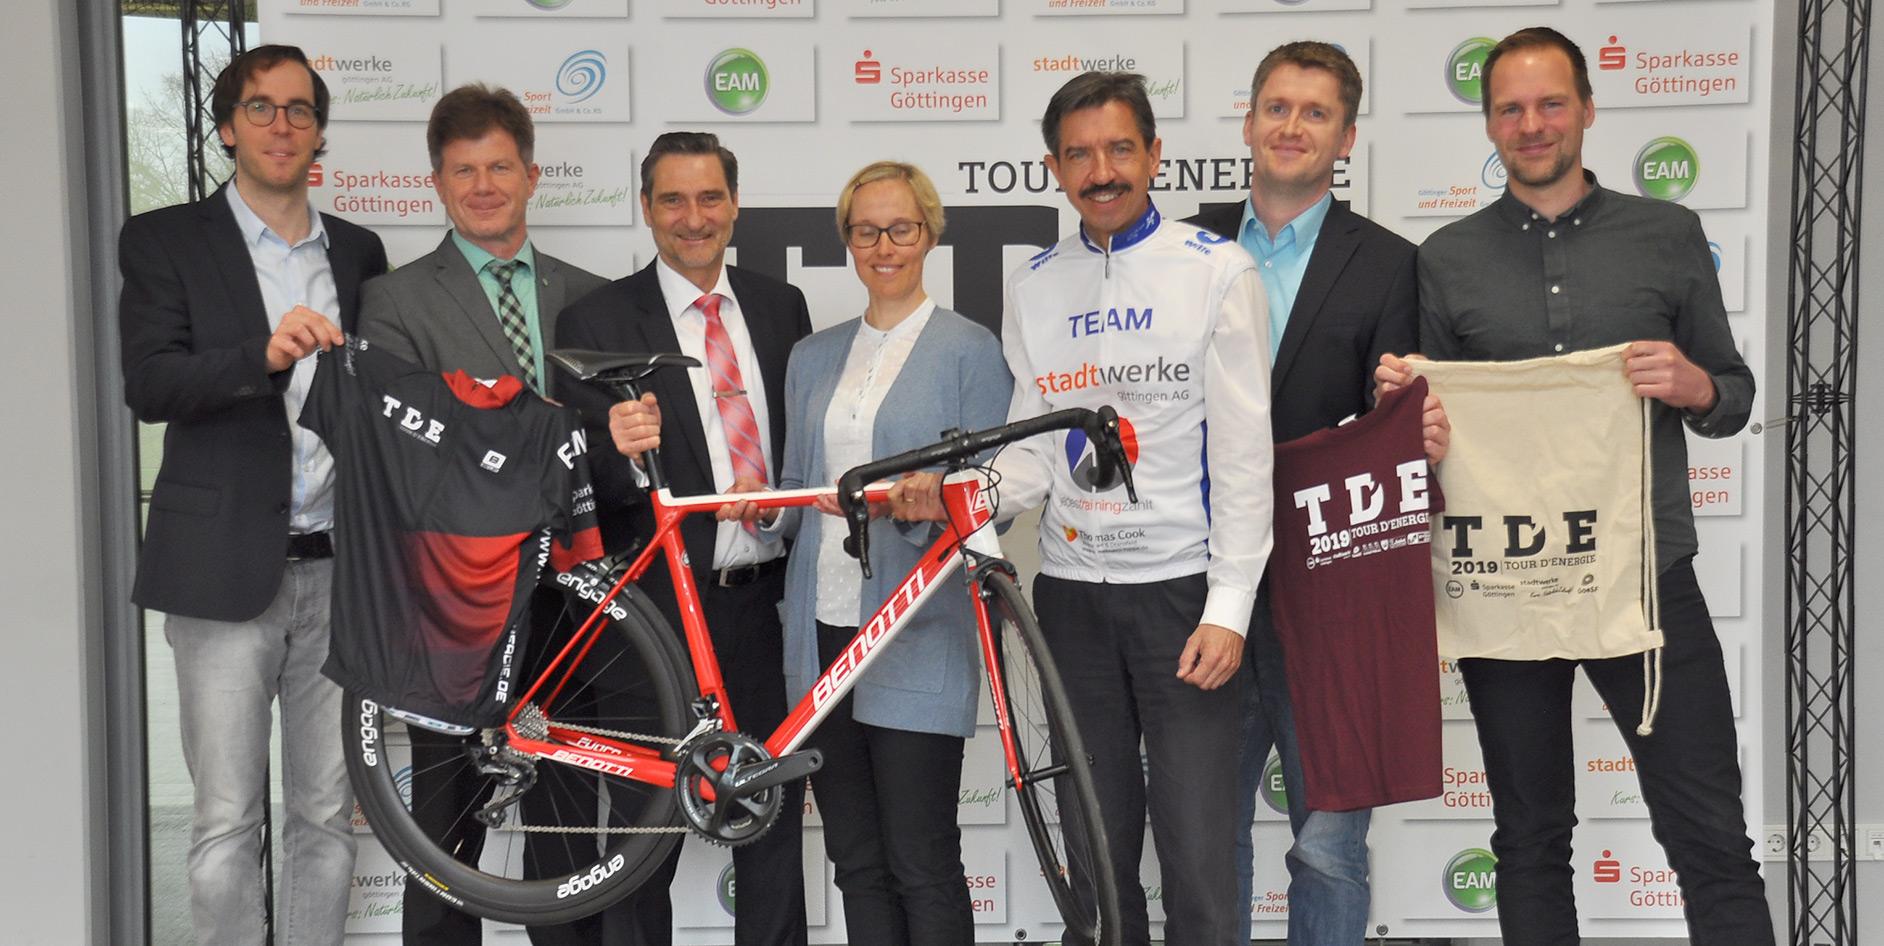 Die EAM unterstützt die Tour d'Energie 2019 in Göttingen.